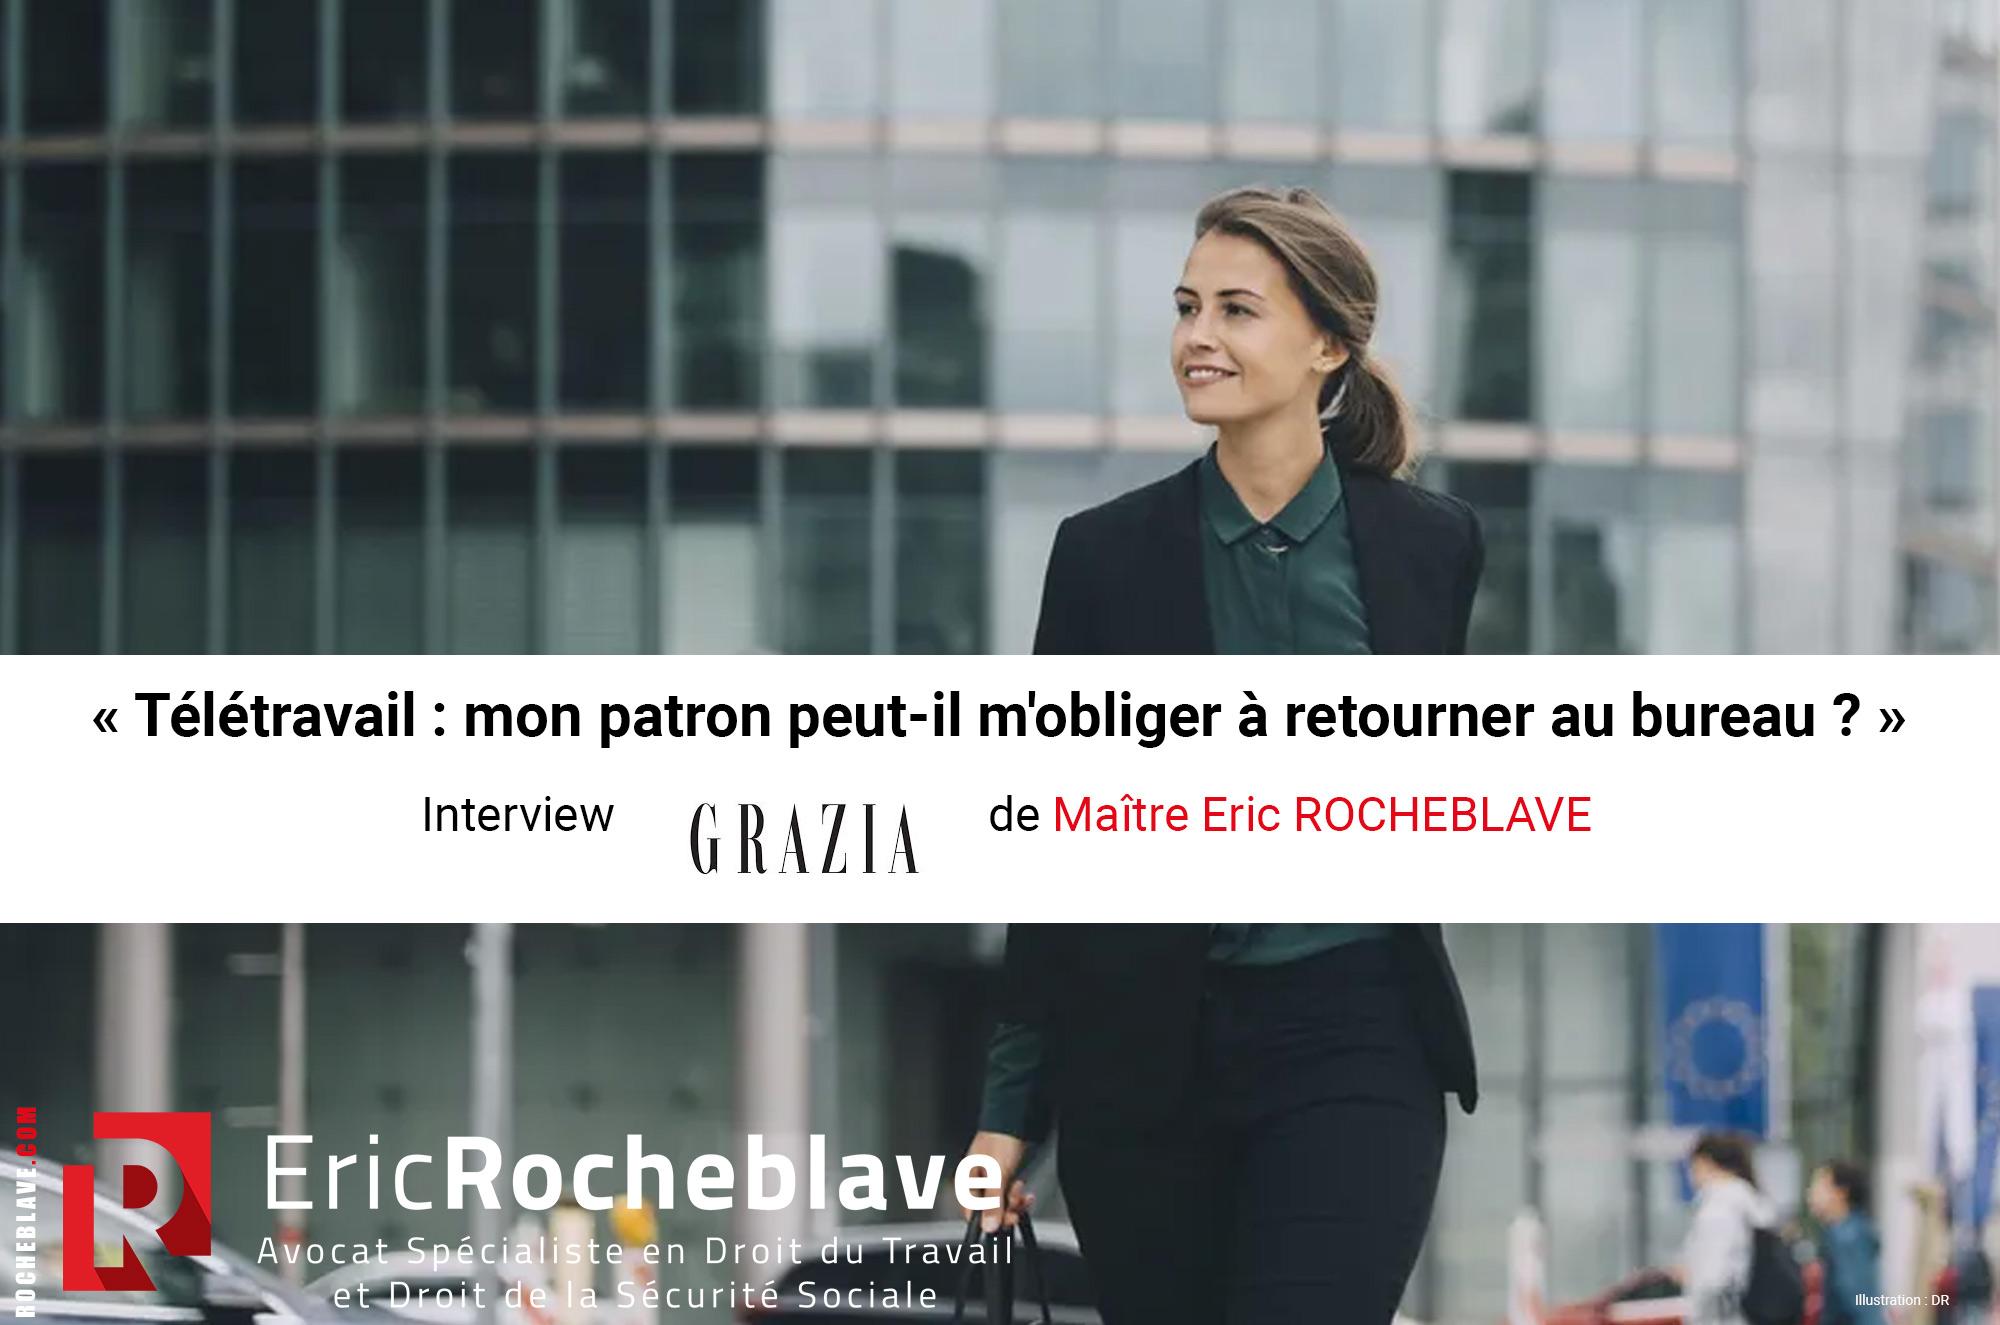 « Télétravail : mon patron peut-il m'obliger à retourner au bureau ? » Interview GRAZIA de Maître Eric ROCHEBLAVE